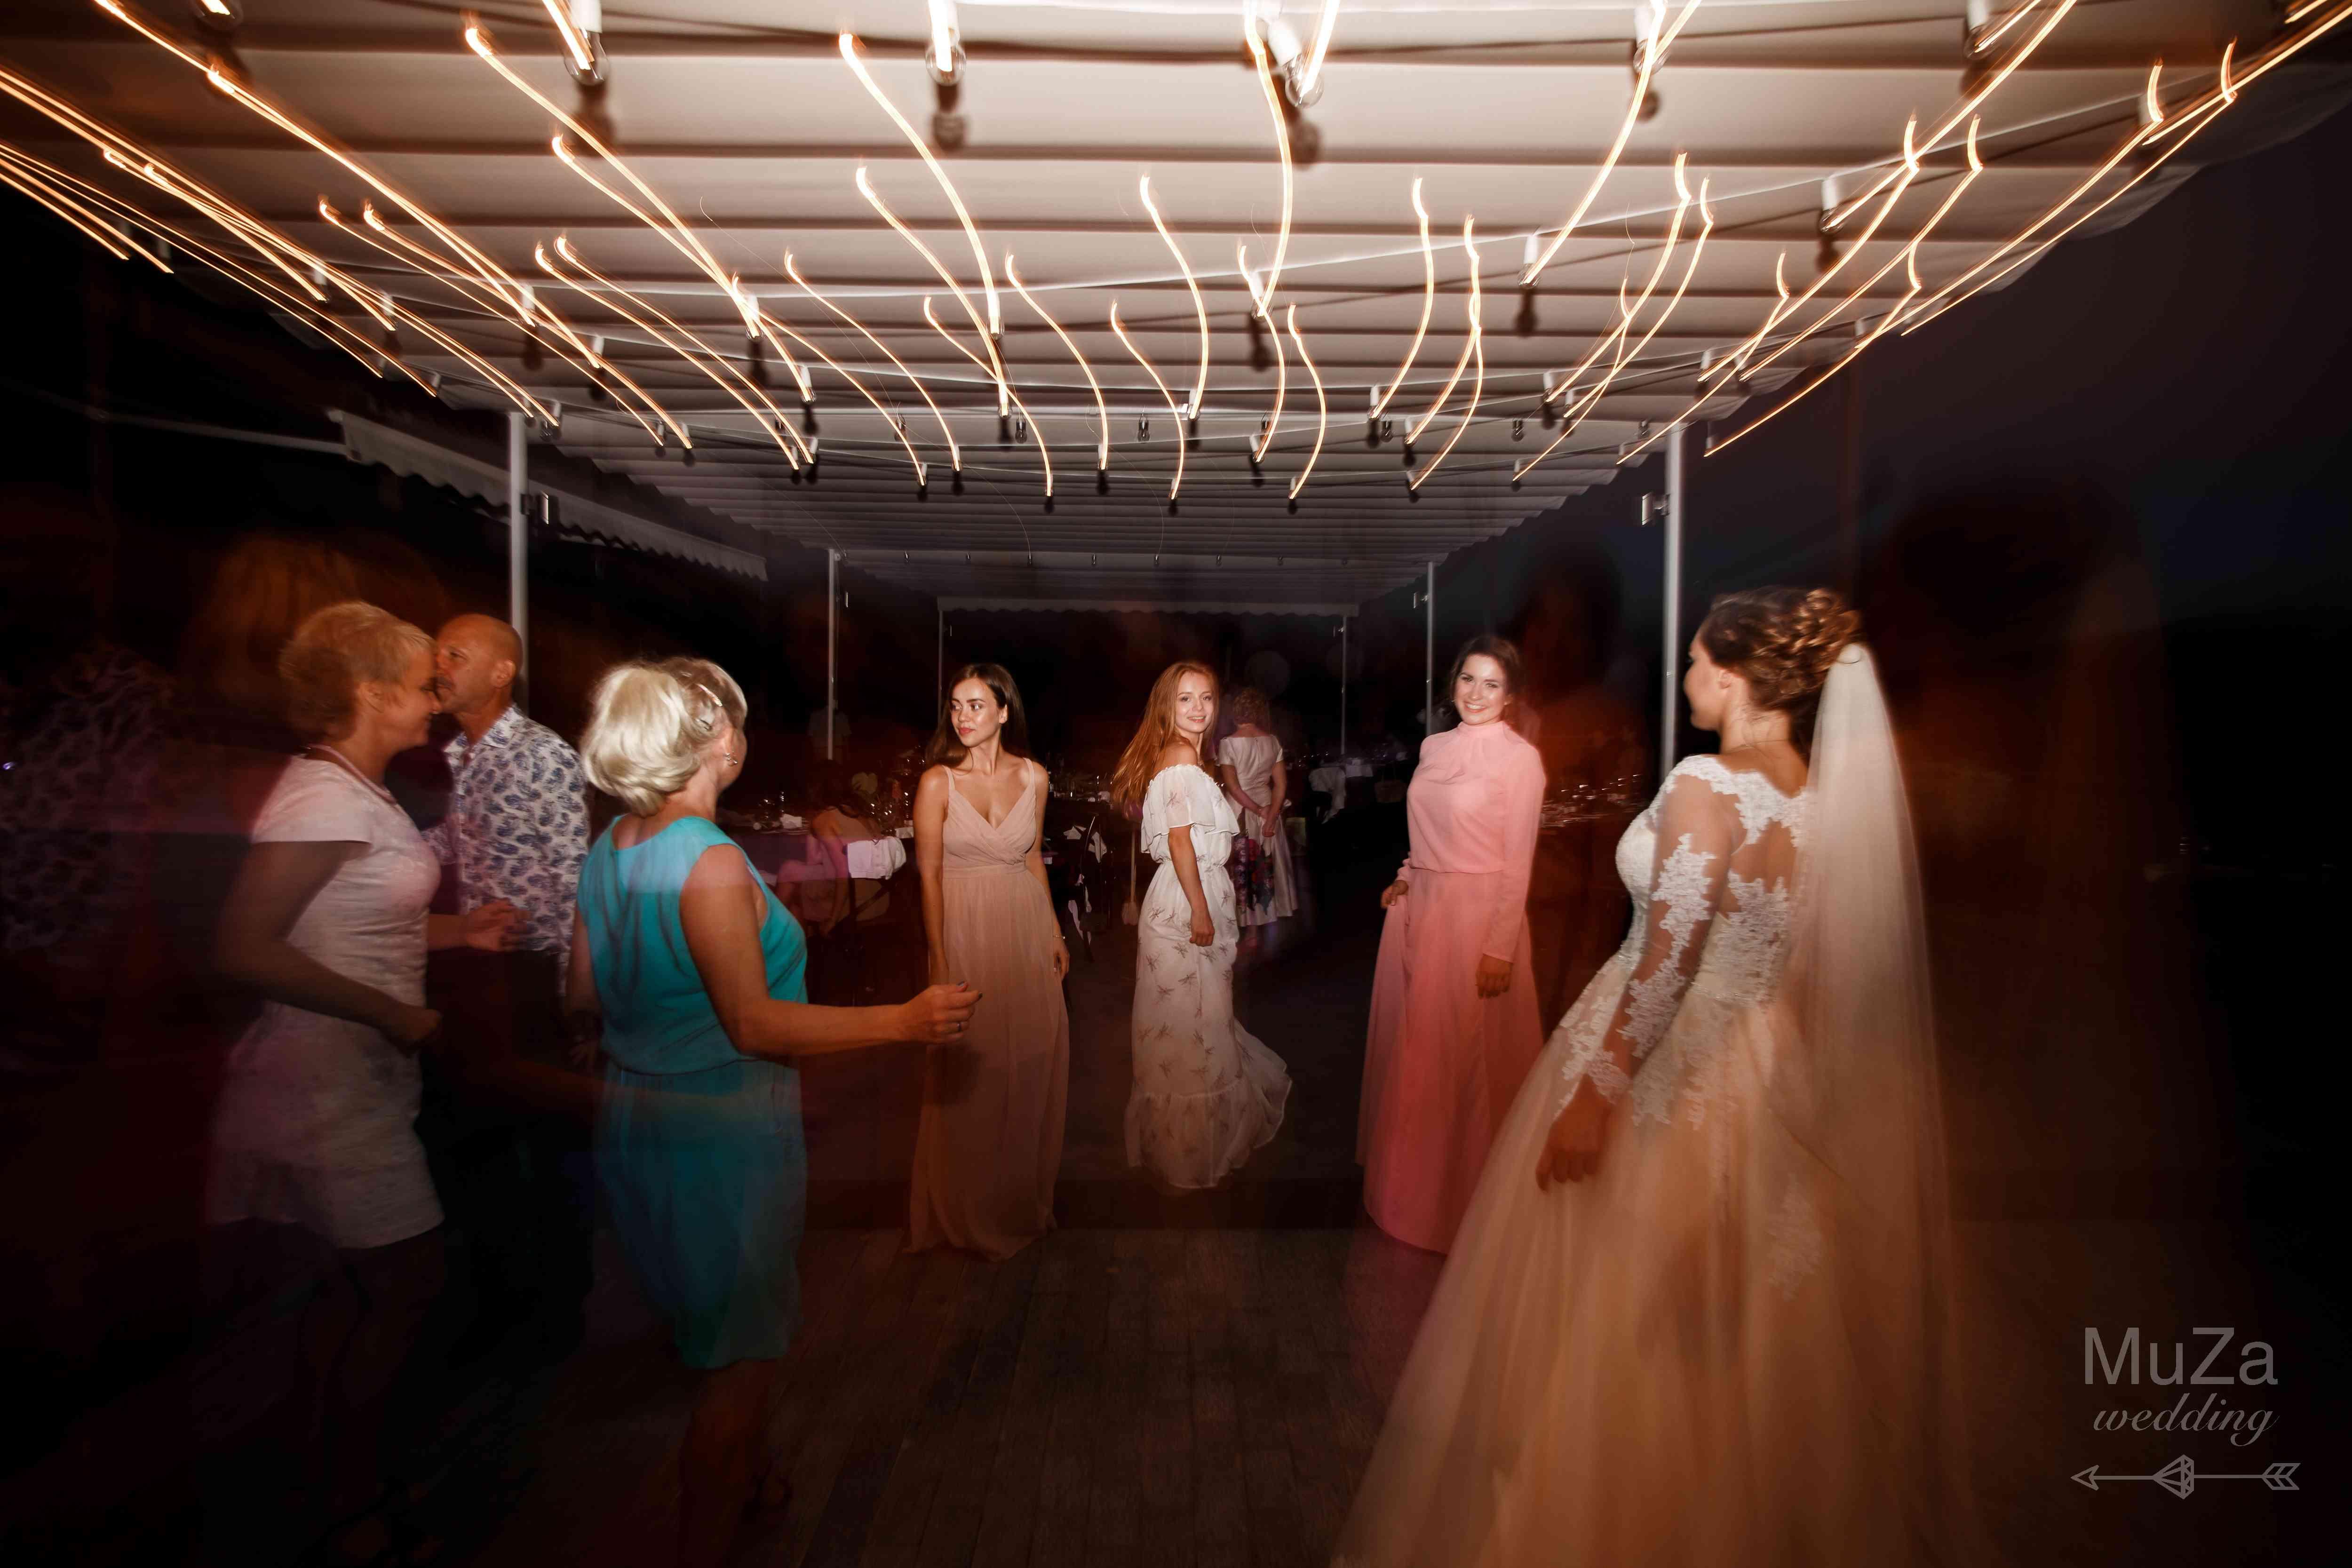 танцпол, свадьба, лампочки, гирлянда